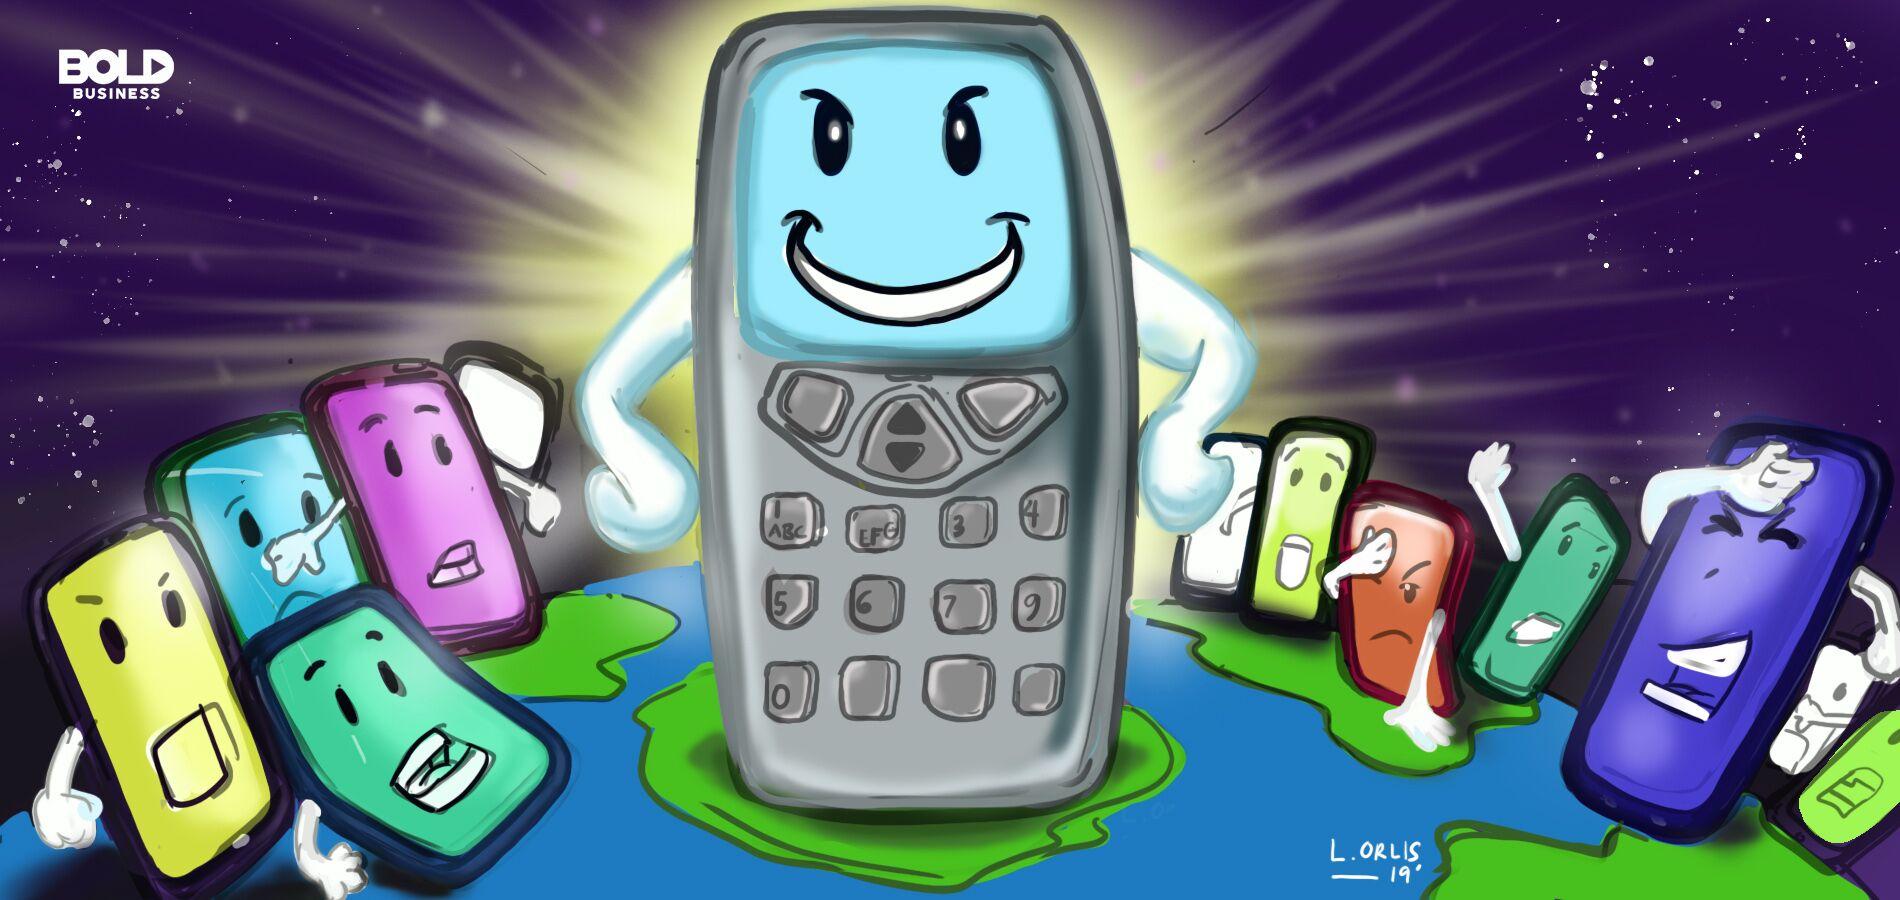 dumb phones cartoon